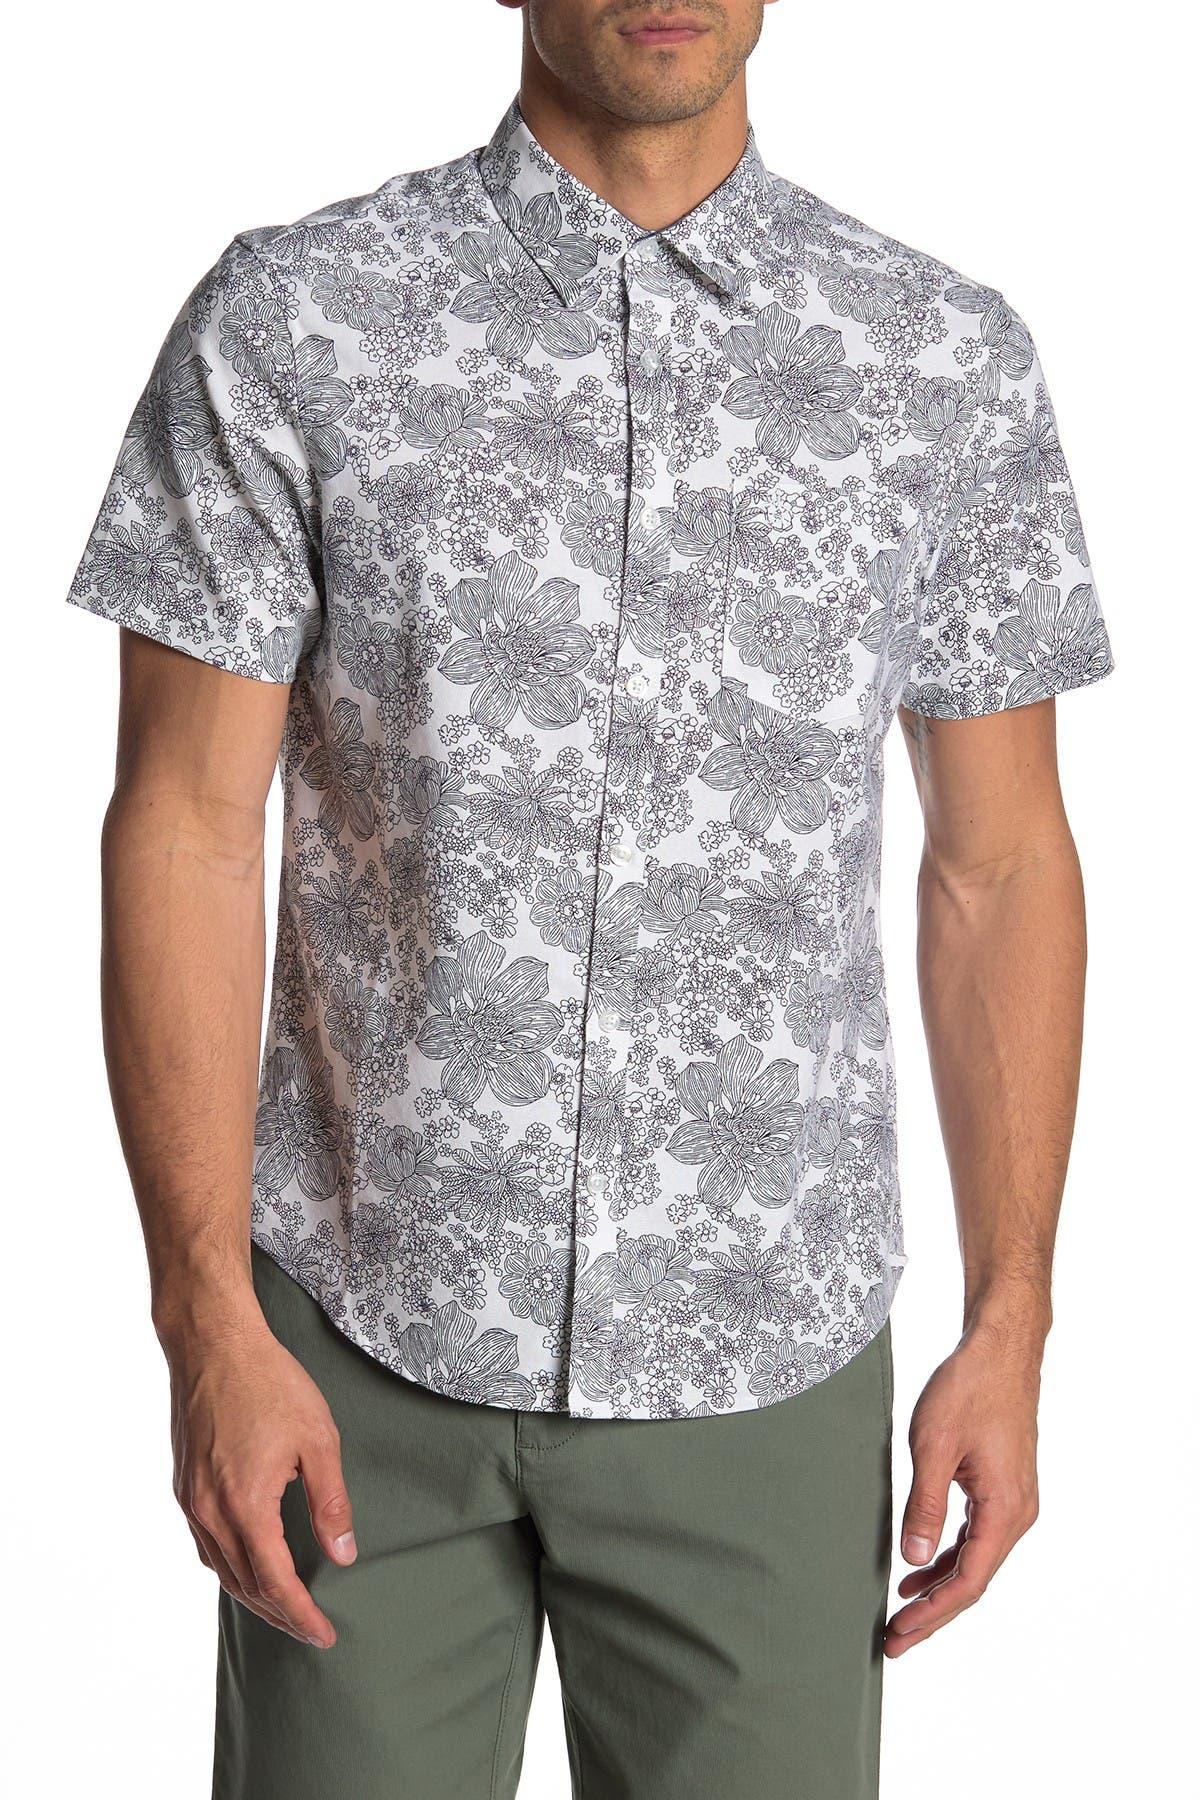 Image of Original Penguin Floral Heritage Slim Fit Shirt